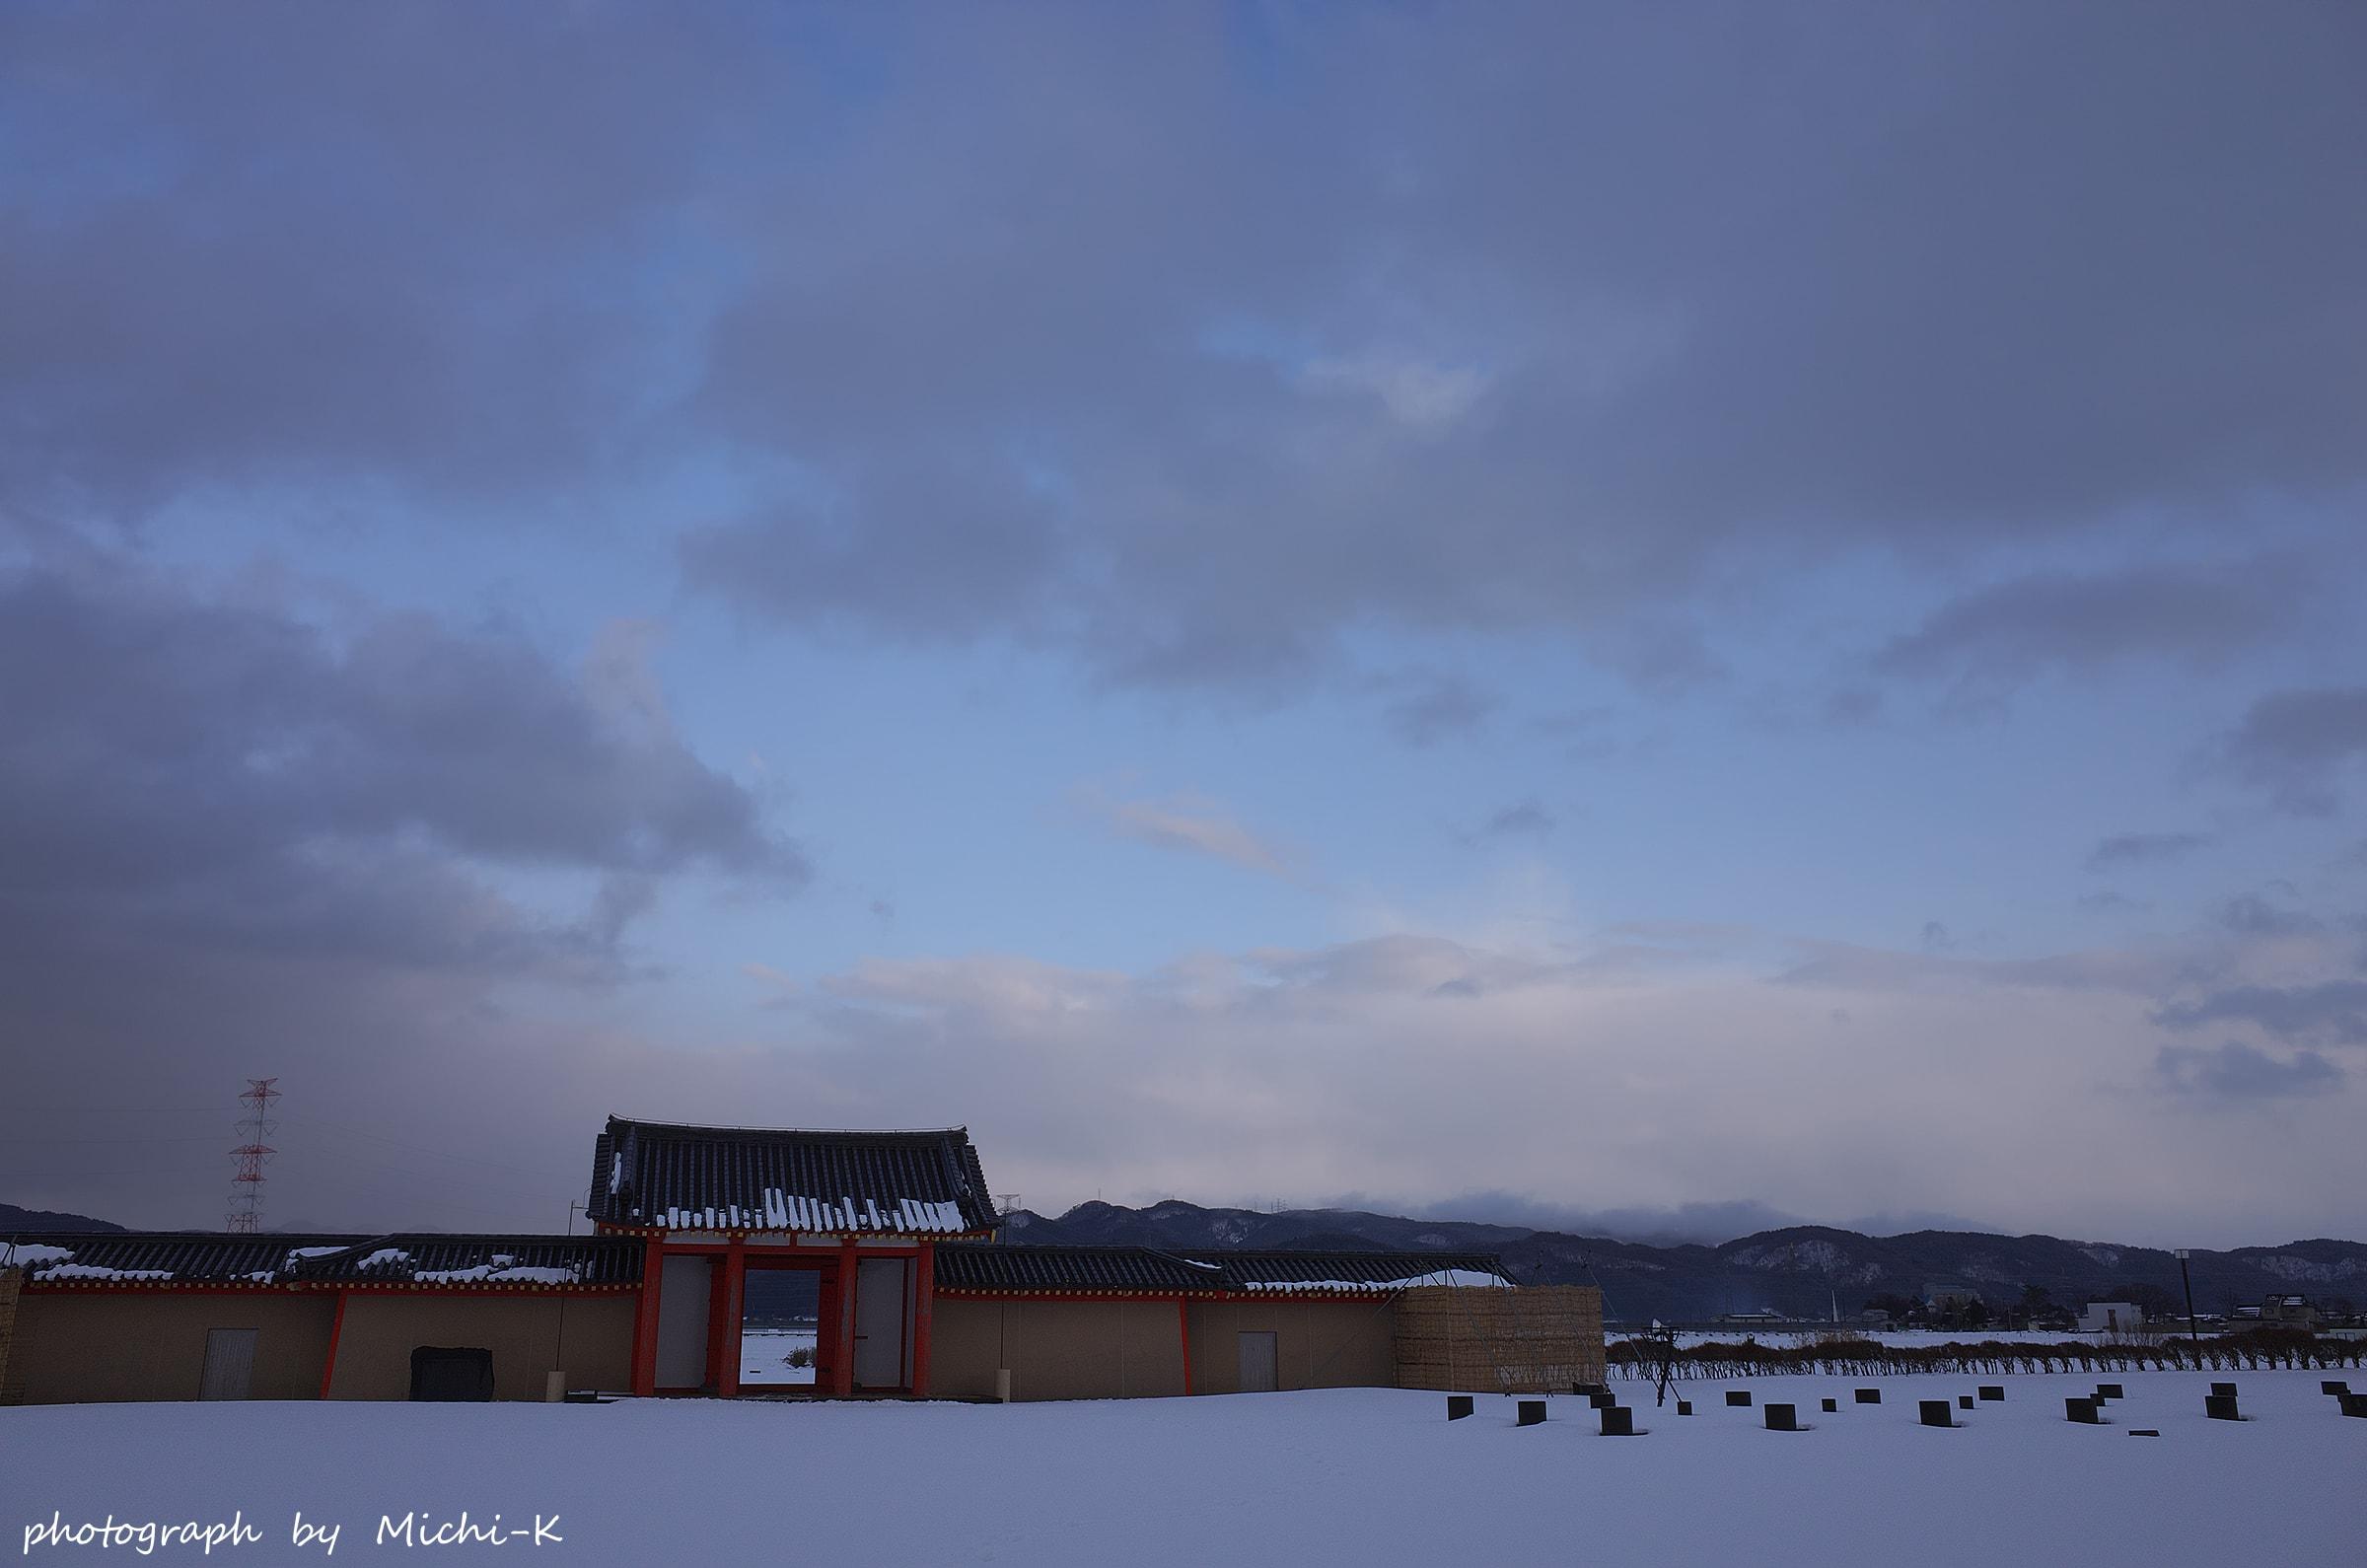 酒田市・城輪の柵跡6